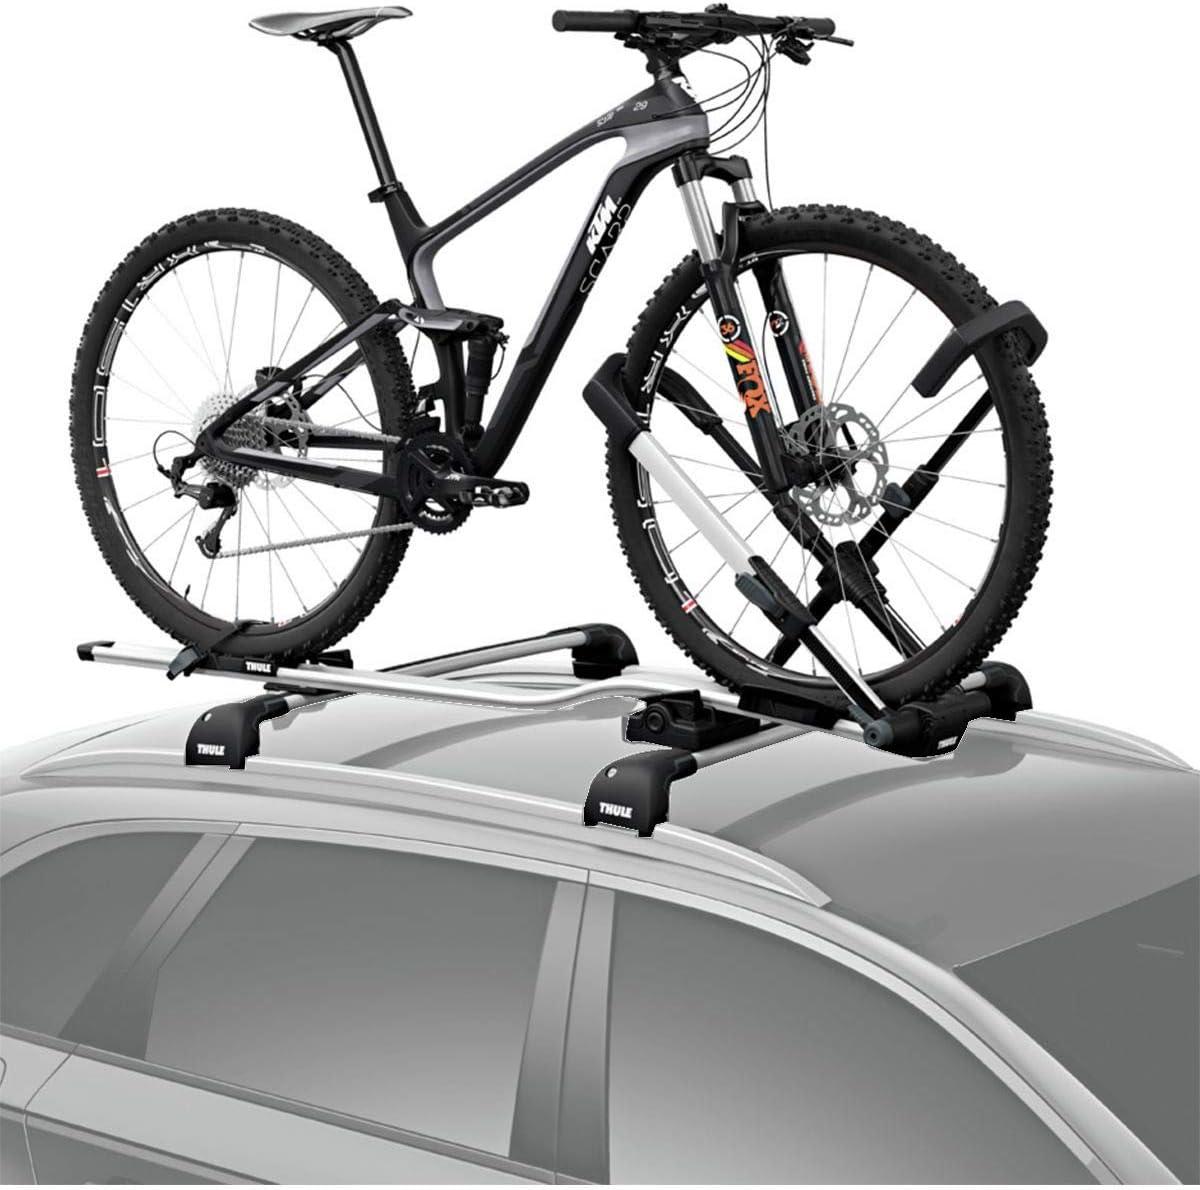 4. Thule UpRide Roof Bike Rack